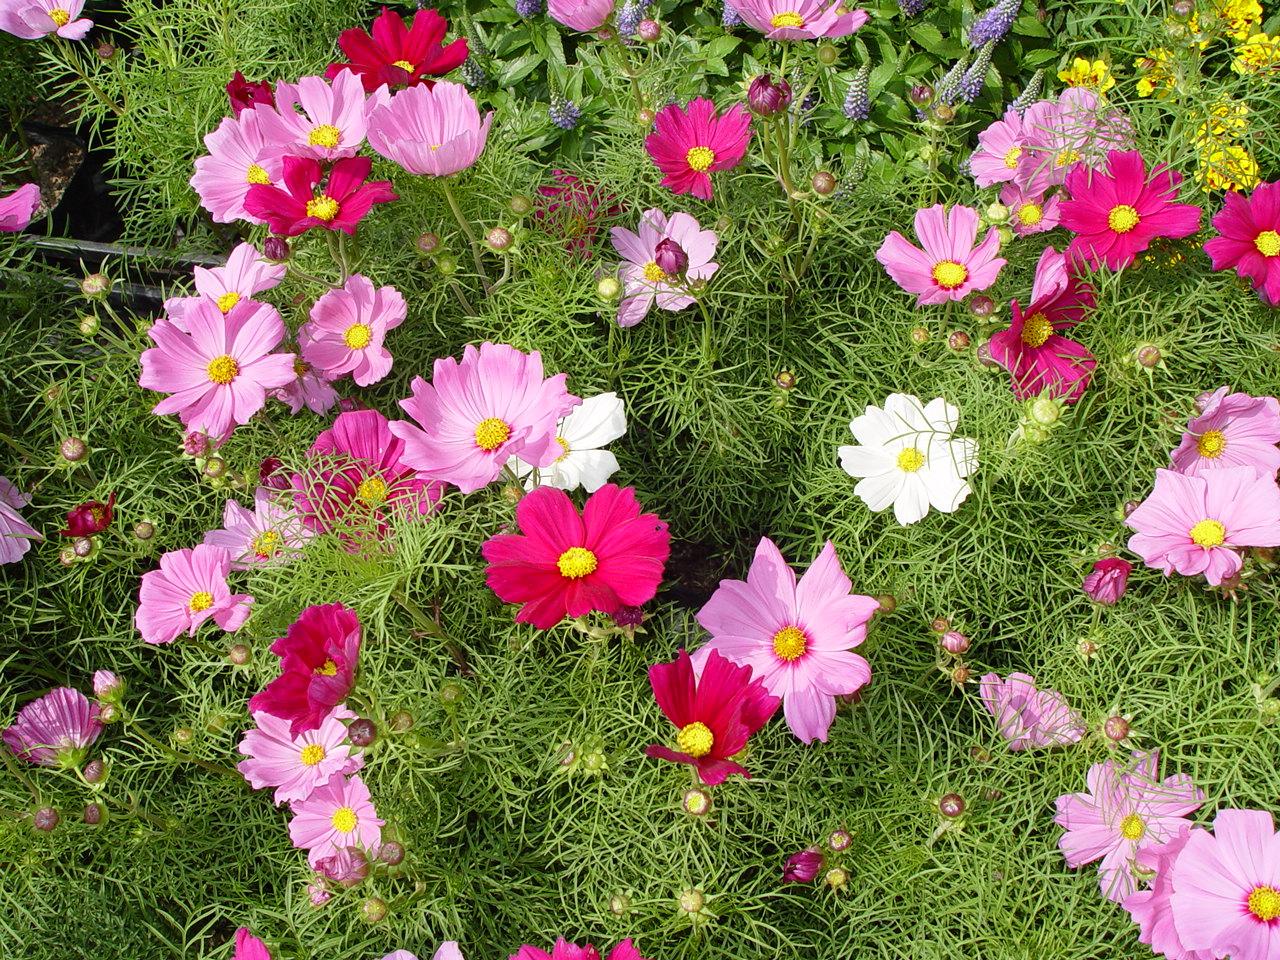 Imágenes de flores y plantas: Cosmos: solo-flores.blogspot.com/2011/09/cosmos.html